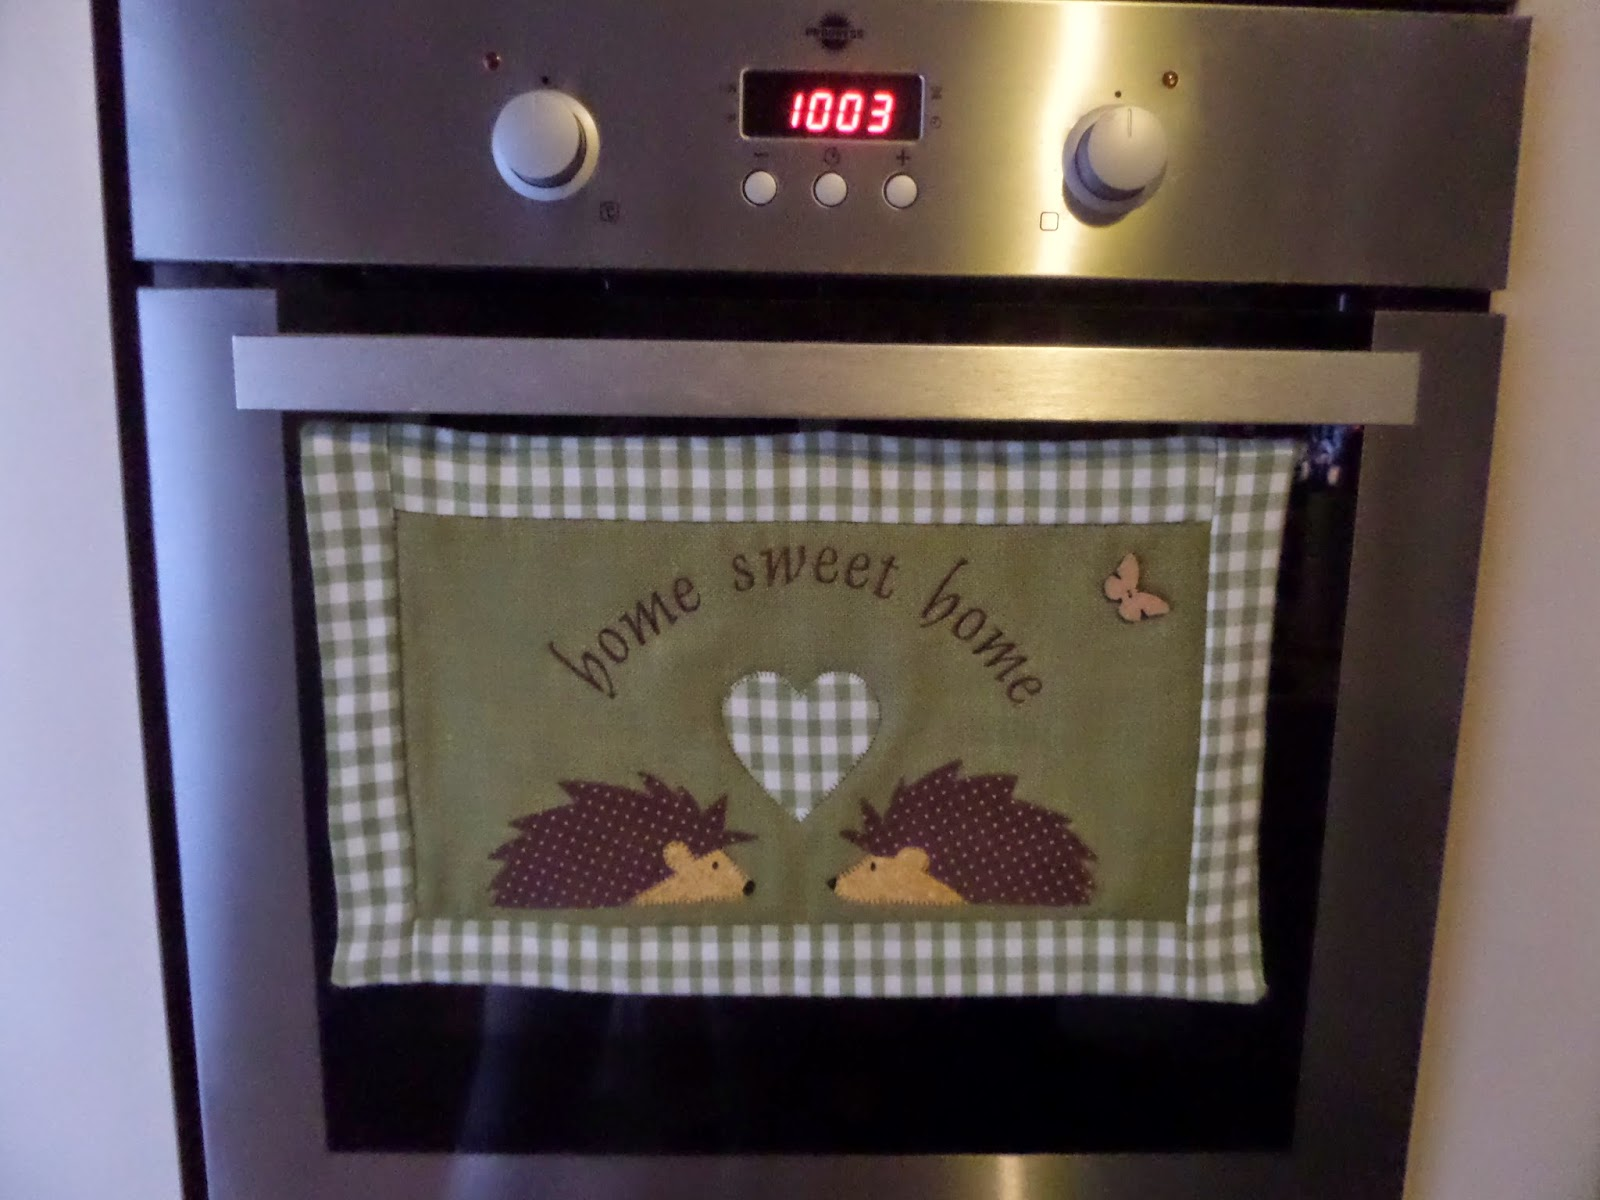 Atélier stravagario tende da cucina decoro riccio verde